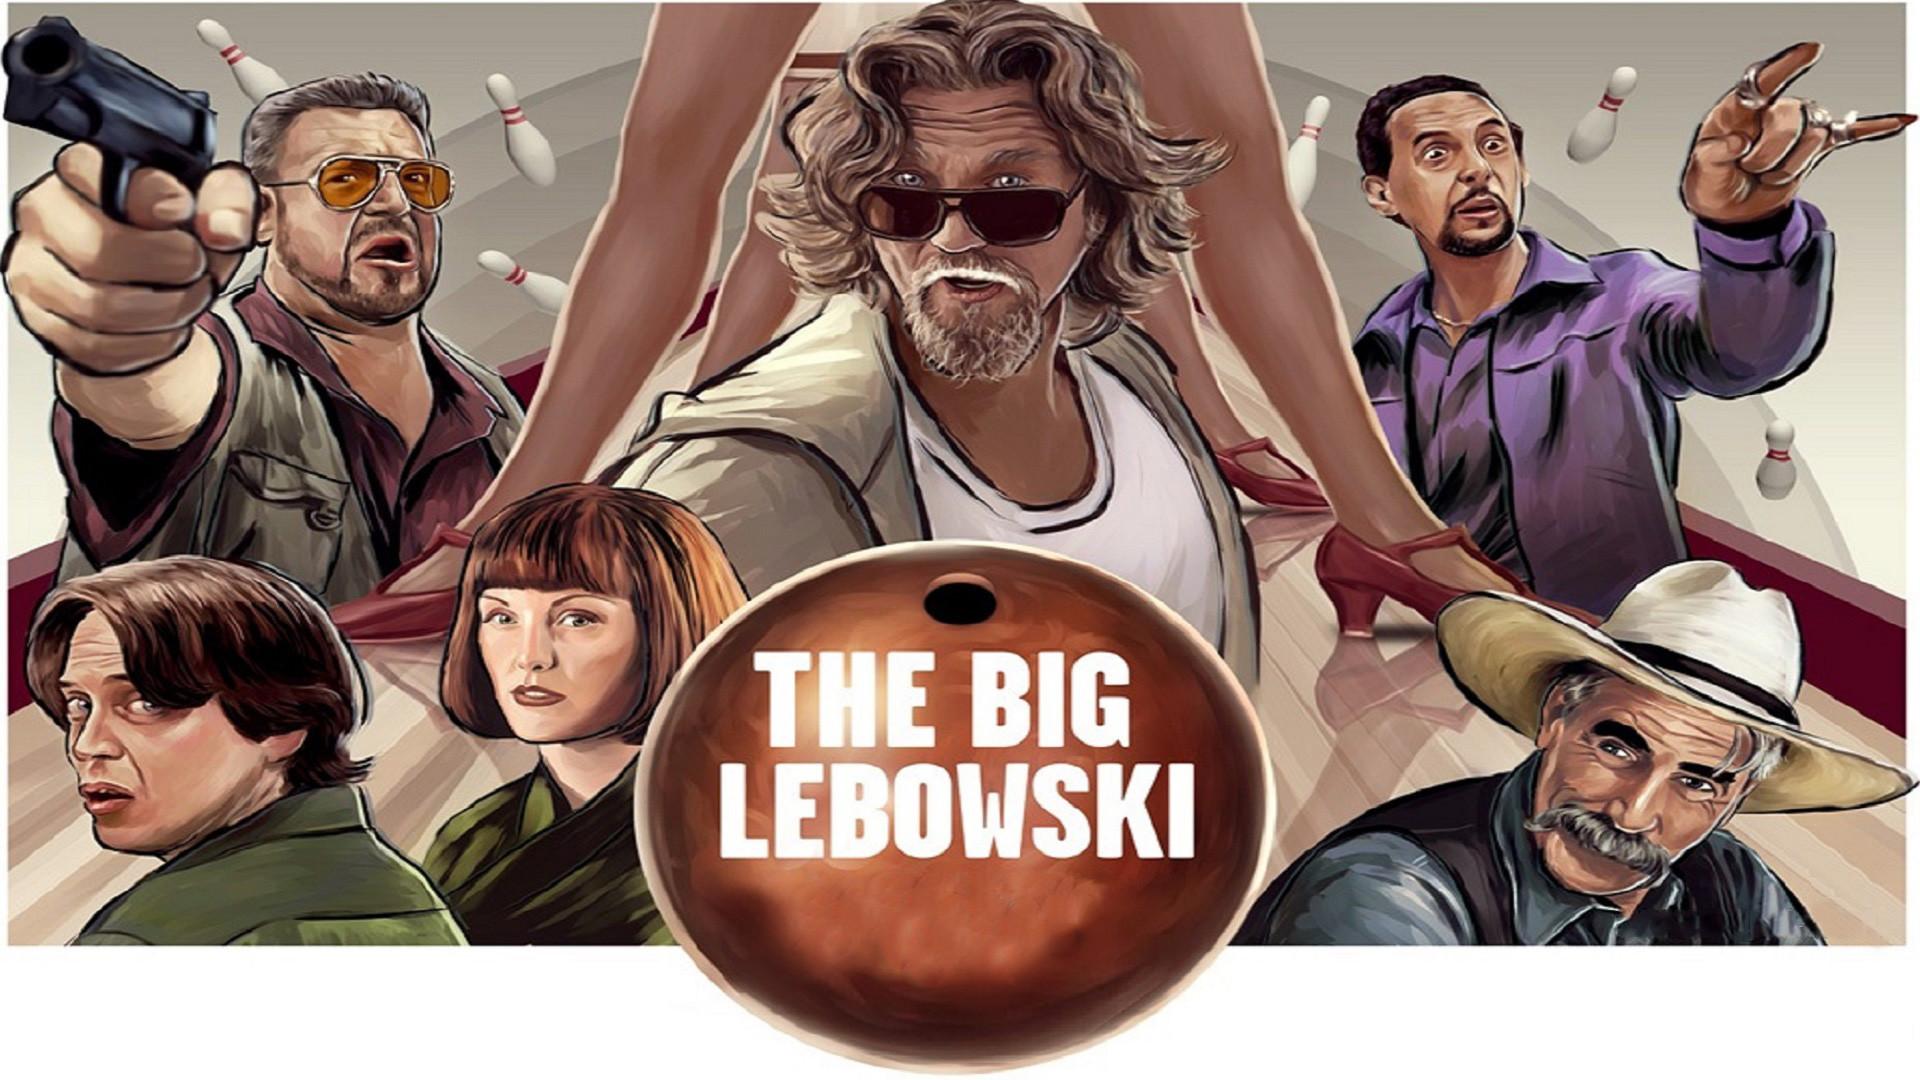 The Big Lebowski Wallpapers